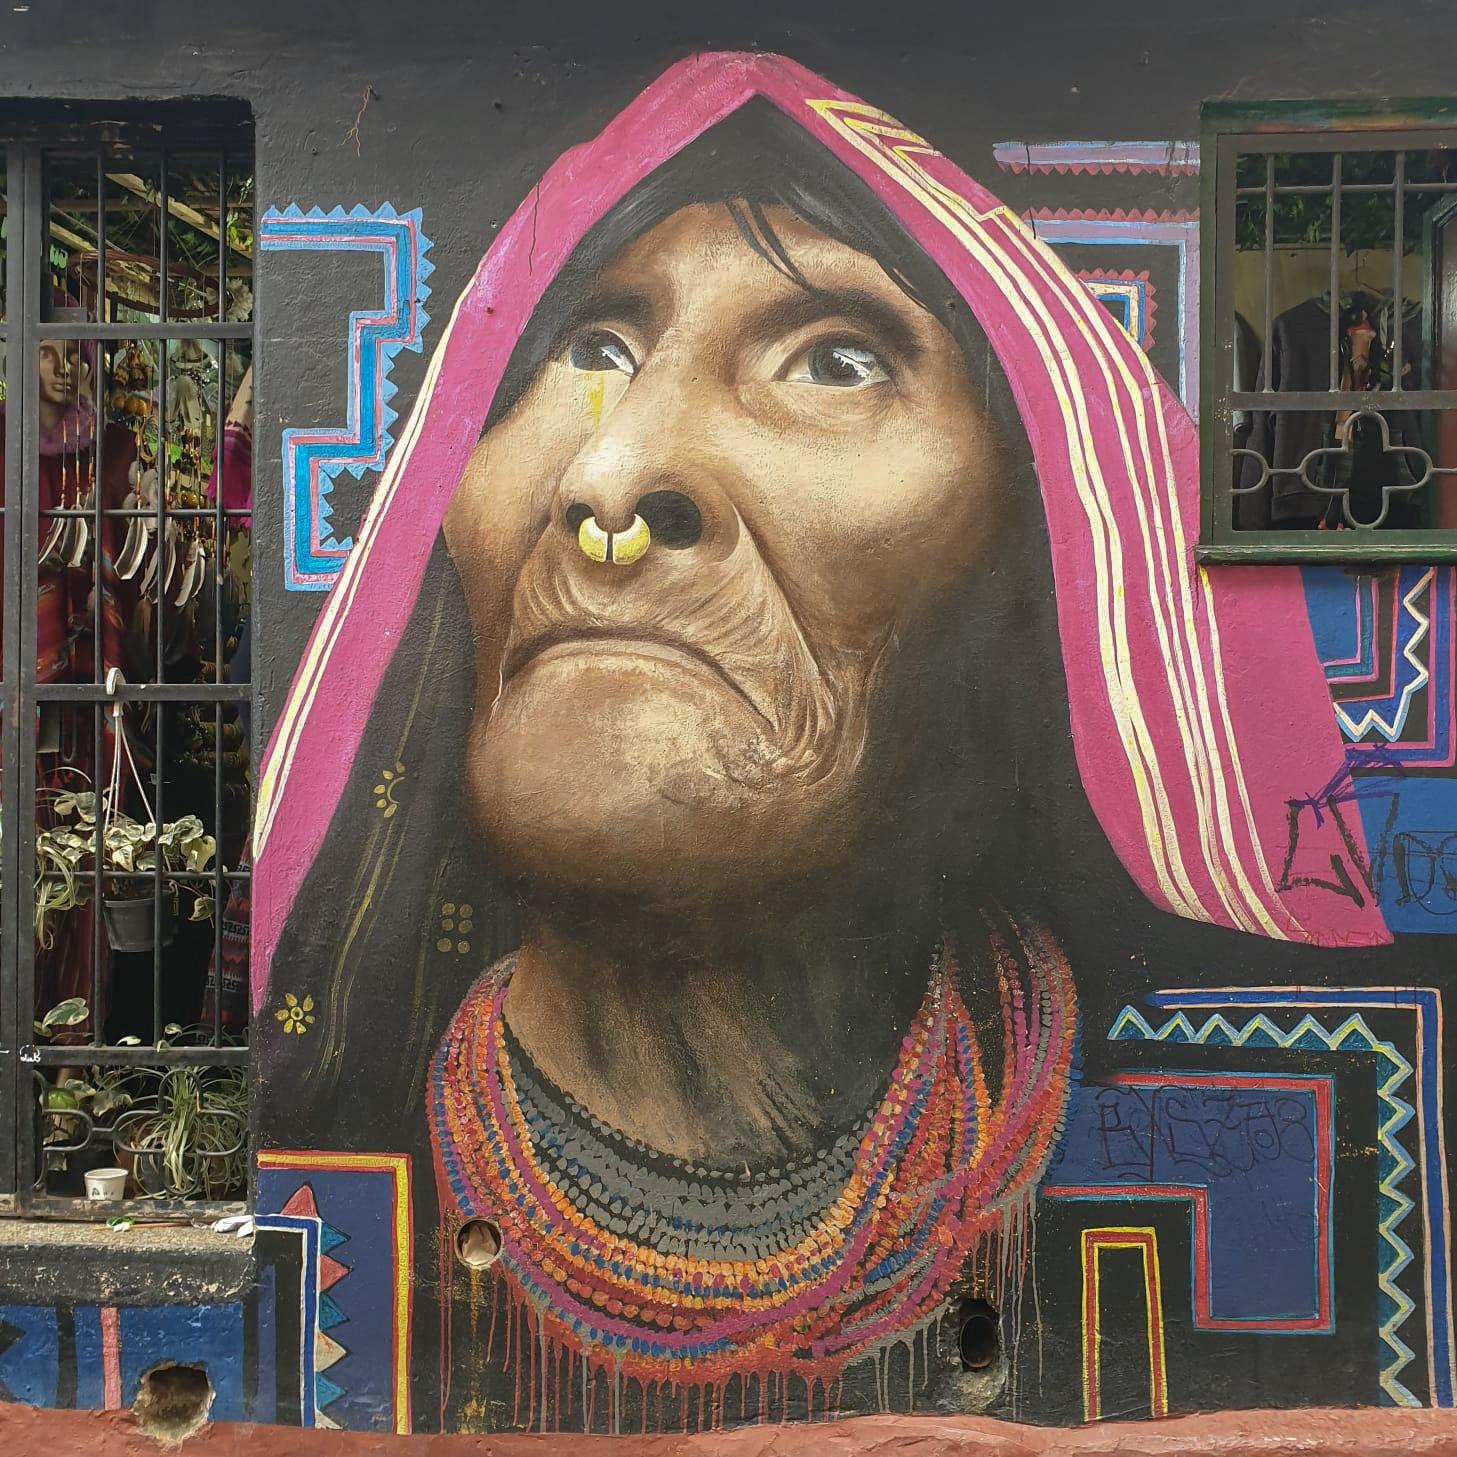 Bogotá, the city of street art